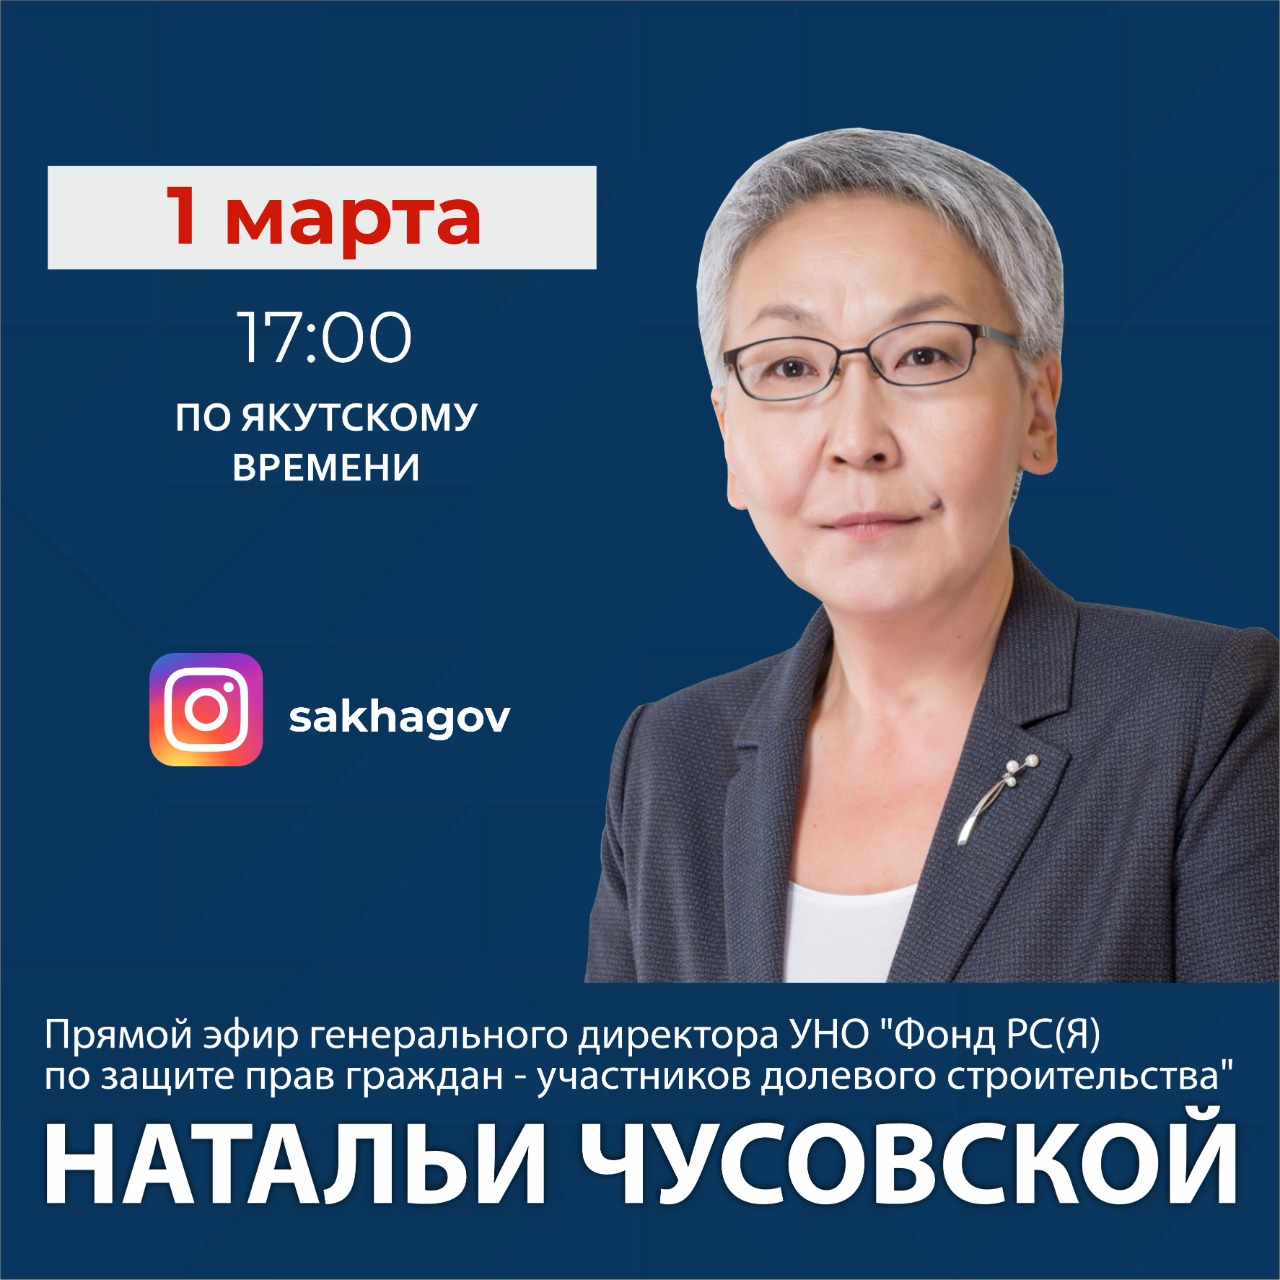 Руководитель Фонда Якутии по защите прав дольщиков ответит на вопросы граждан в соцсетях